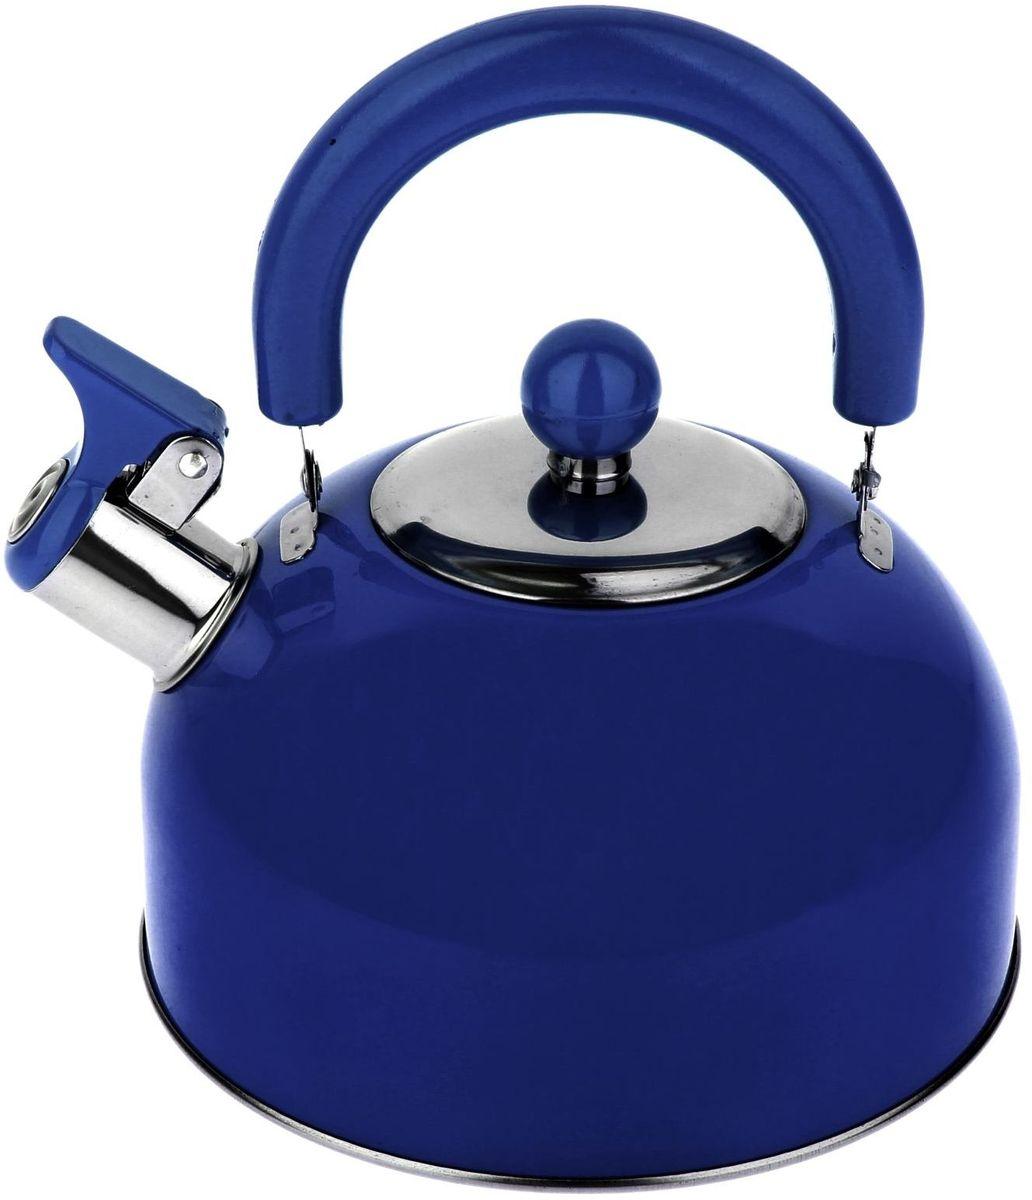 Чайник Доляна Радуга, со свистком, цвет: голубой, 2,1 лVT-1520(SR)Бытовая посуда из нержавеющей стали славится неприхотливостью в уходе и безукоризненной функциональностью. Коррозиестойкий сплав обеспечивает гигиеничность изделий. Чайники из этого материала абсолютно безопасны для здоровья человека.Чем привлекательна посуда из нержавейки?Чайник из нержавеющей стали станет удачной находкой для дома или ресторана:благодаря низкой теплопроводности модели вода дольше остается горячей;необычный дизайн радует глаз и поднимает настроение;качественное дно гарантирует быстрый нагрев.Как продлить срок службы?Ухаживать за новым приобретением элементарно просто, но стоит помнить о нескольких нехитрых правилах.Во-первых, не следует применять абразивные инструменты и сильнохлорированные моющие средства.Во-вторых, не оставляйте пустую посуду на плите.В-третьих, если вы уезжаете из дома на длительное время - выливайте воду из чайника.Если на внутренней поверхности изделия появились пятна, используйте для их удаления несколько капель уксусной или лимонной кислоты.